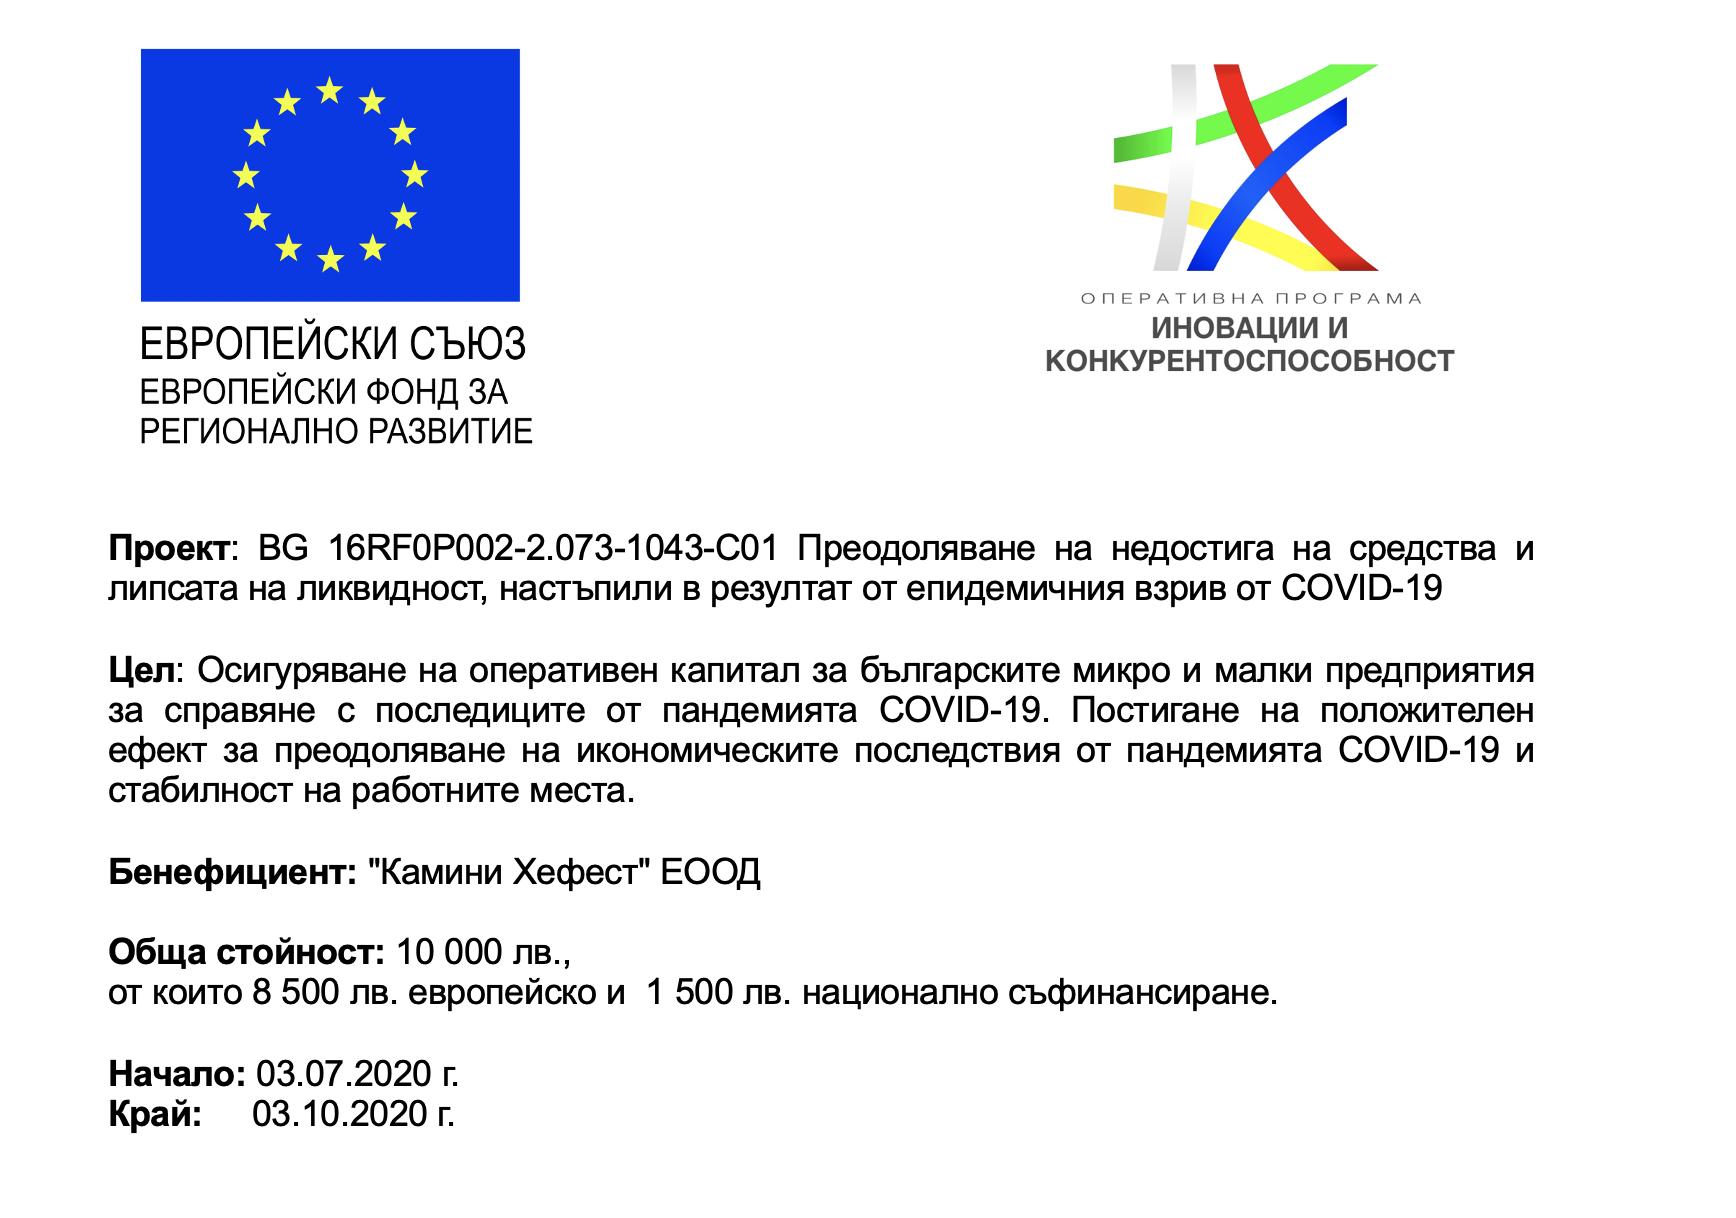 """Проект: """"Преодоляване на недостига на средства и липсата на ликвидност, настъпили в резултат от епидемичния взрив от COVID-19"""""""